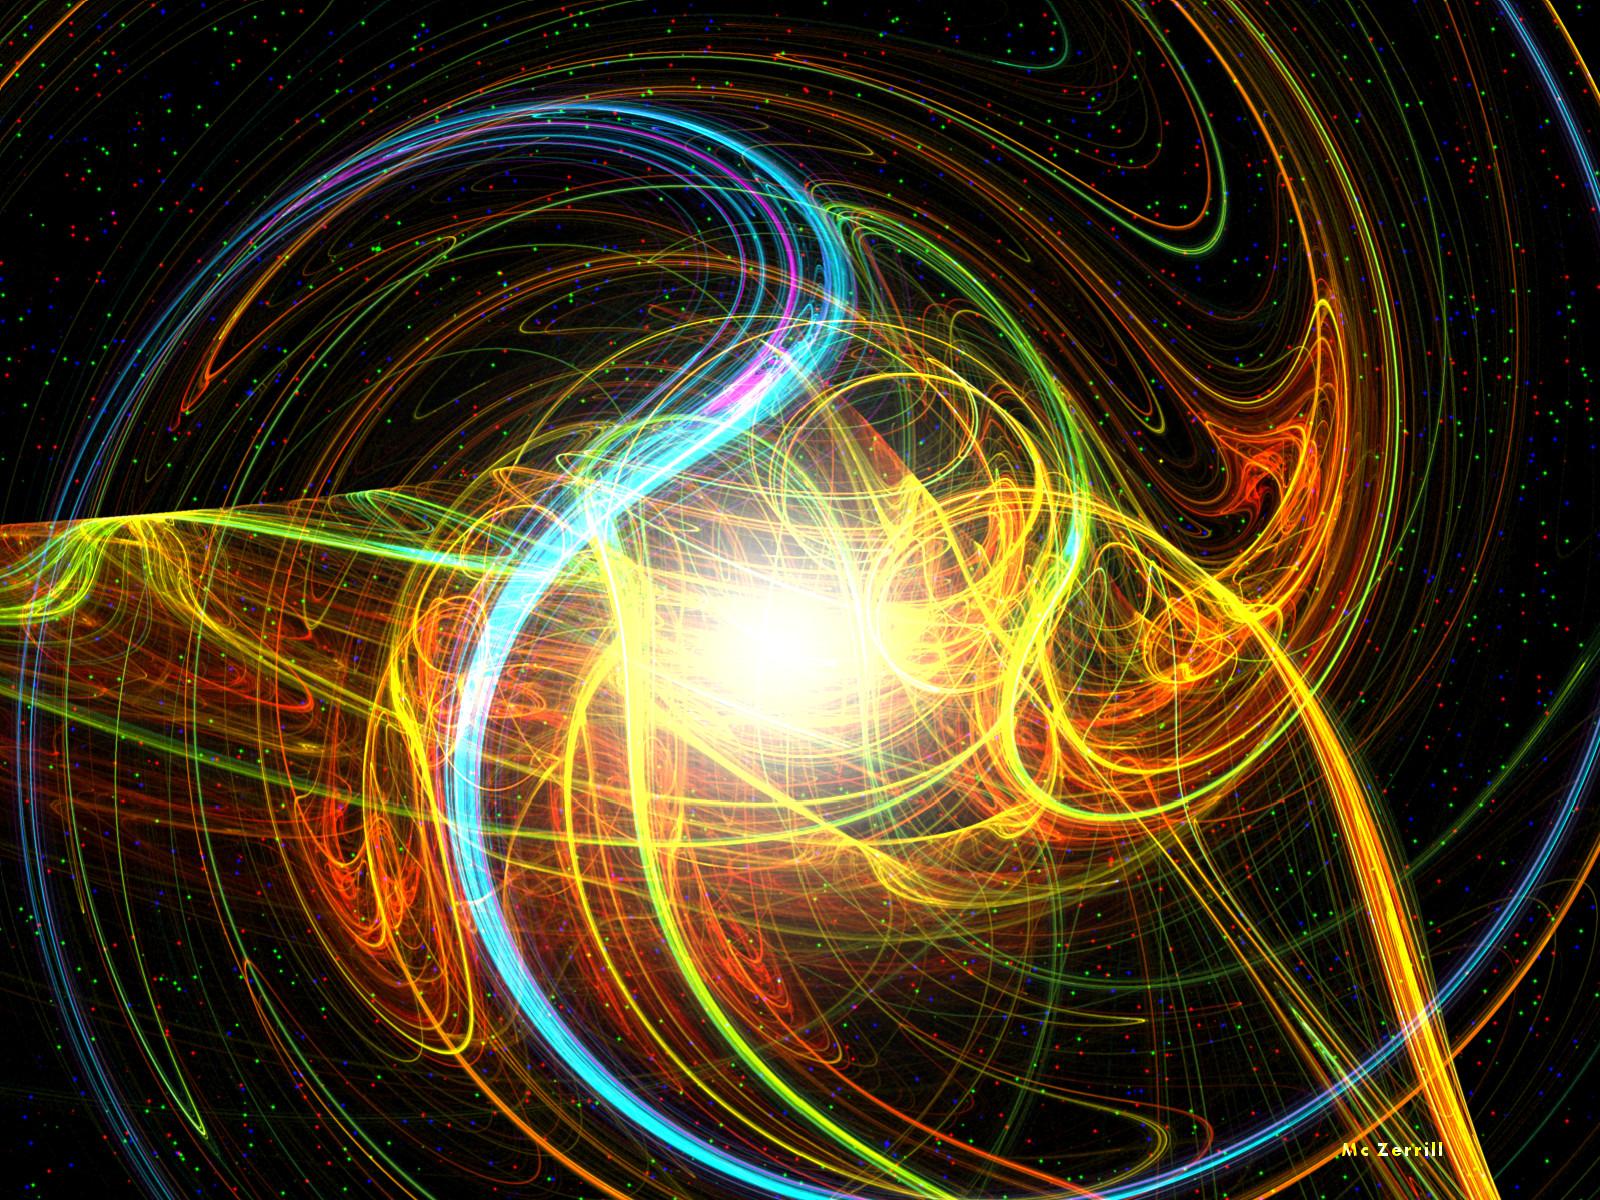 Mc zerrill gimp tutorial sfondo simile ad una galassia for Sfondi per desktop colorati